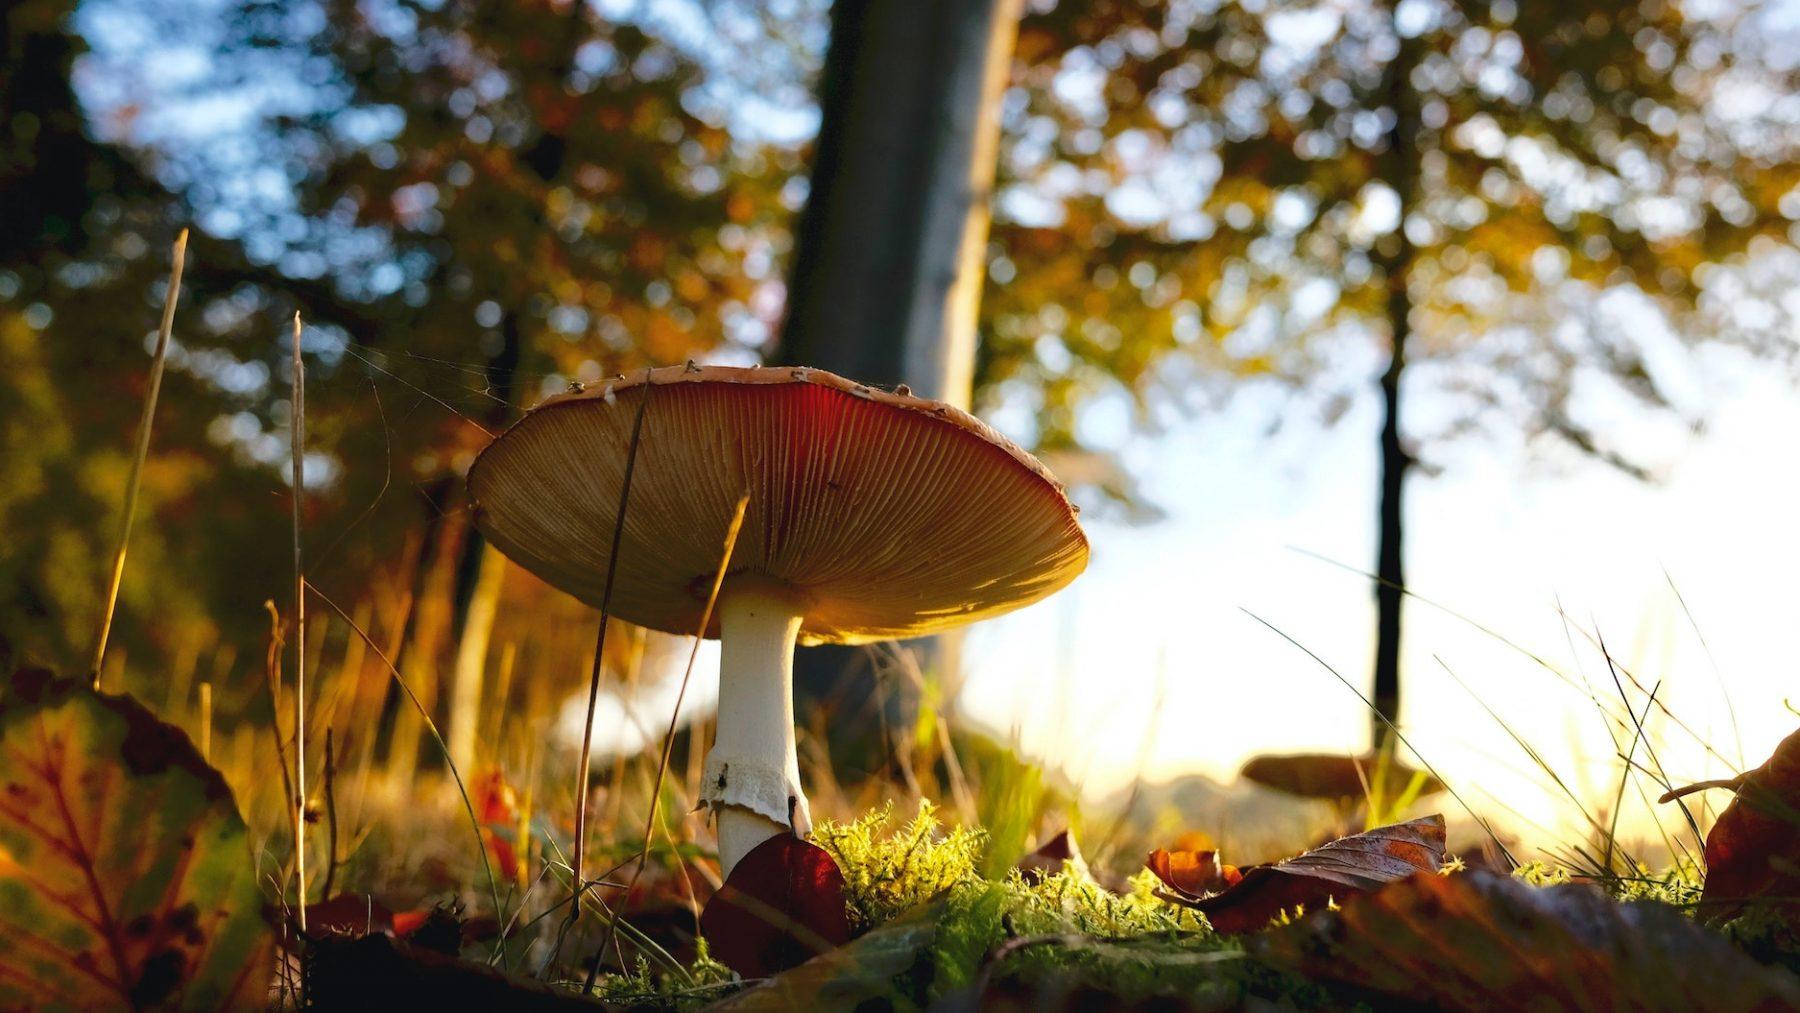 paddenstoelen giftig plukken eten wildplukkers